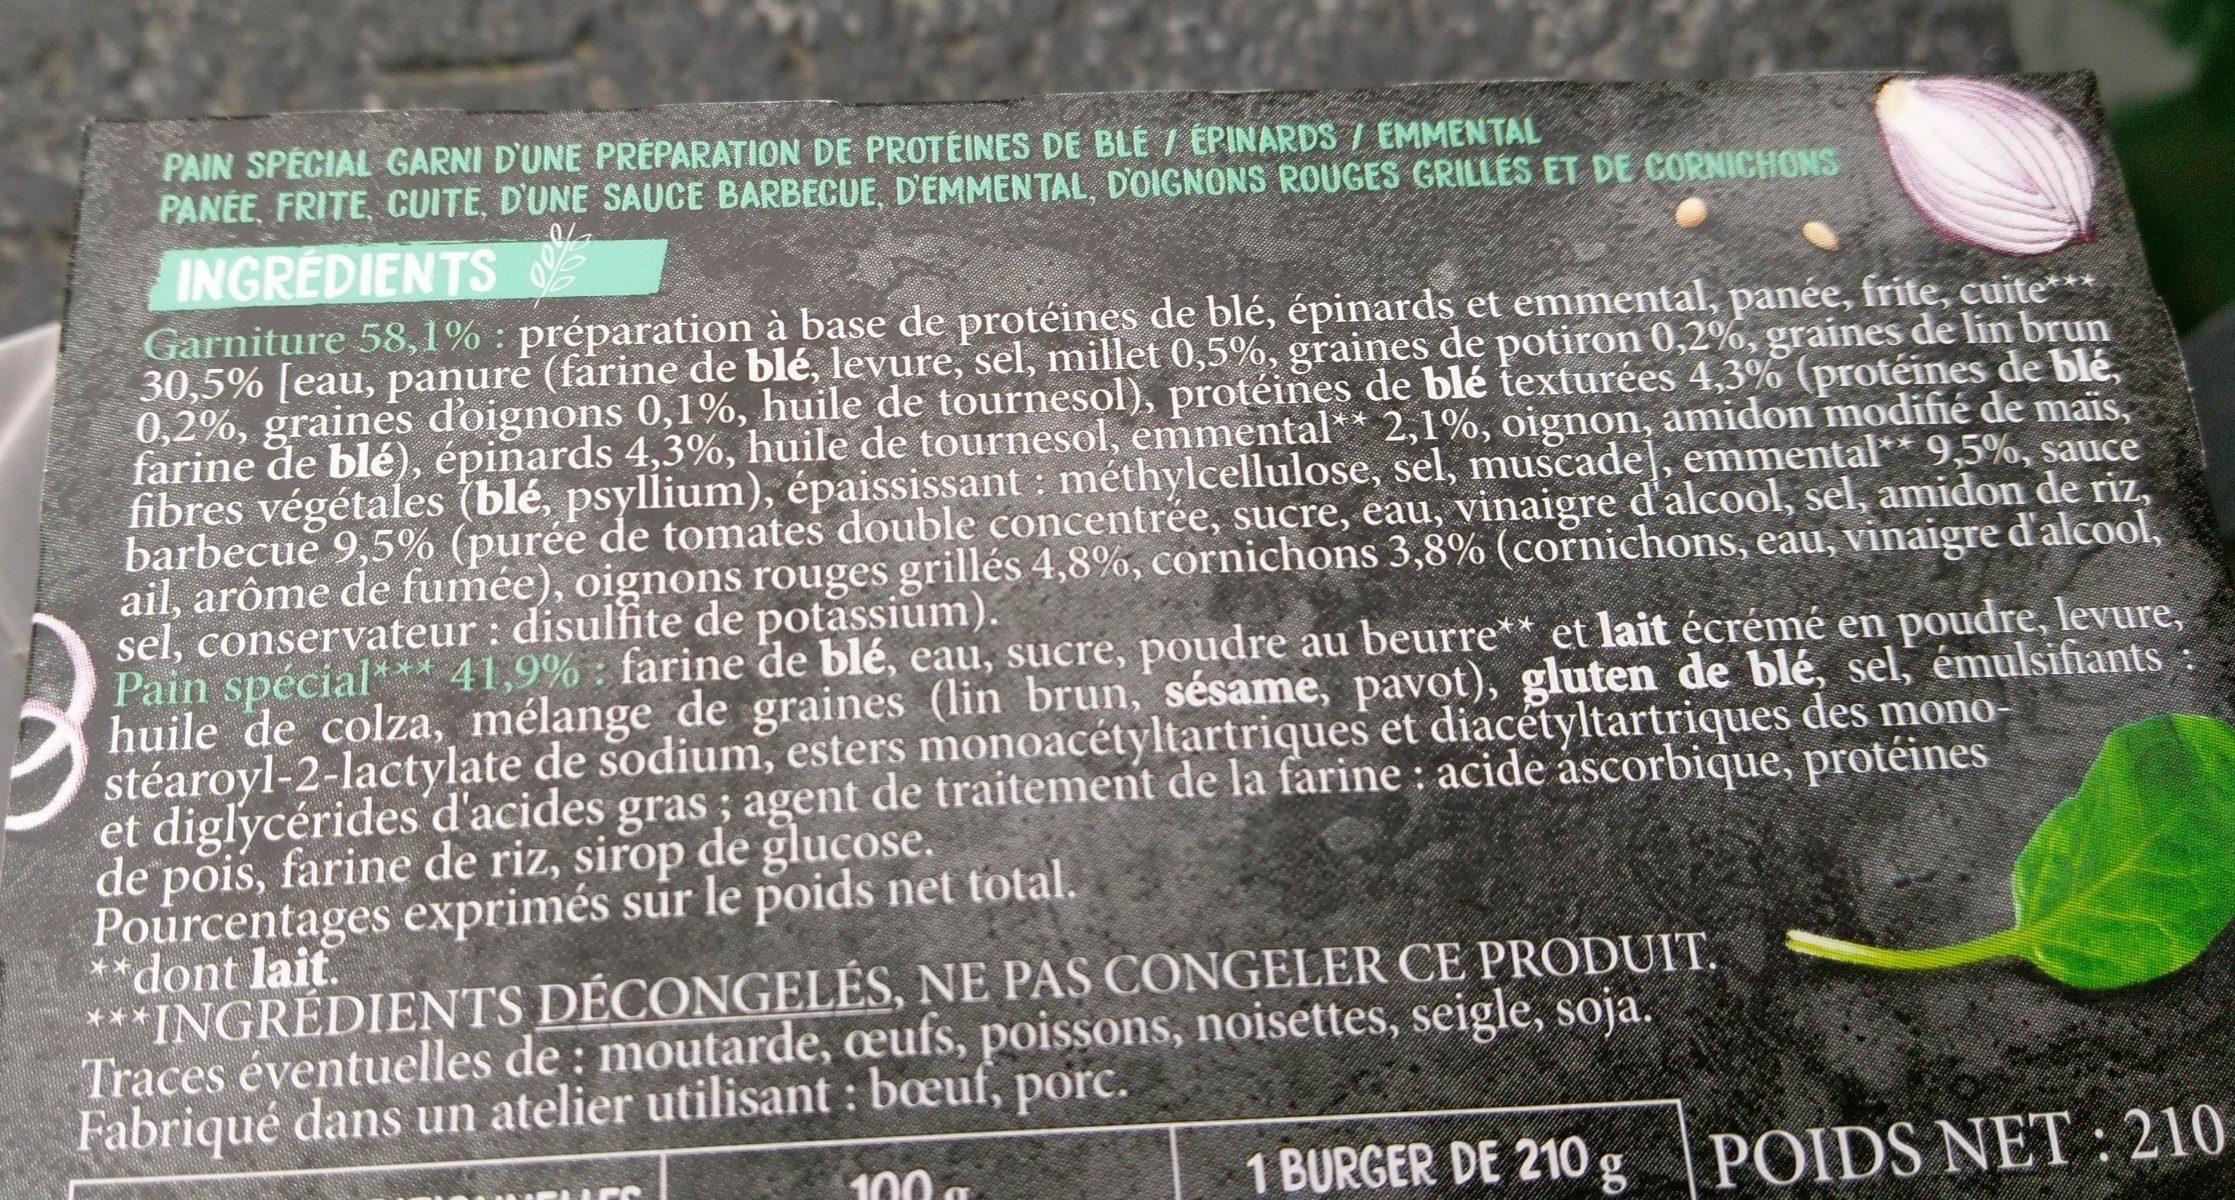 Burger vegetal - Ingrediënten - fr